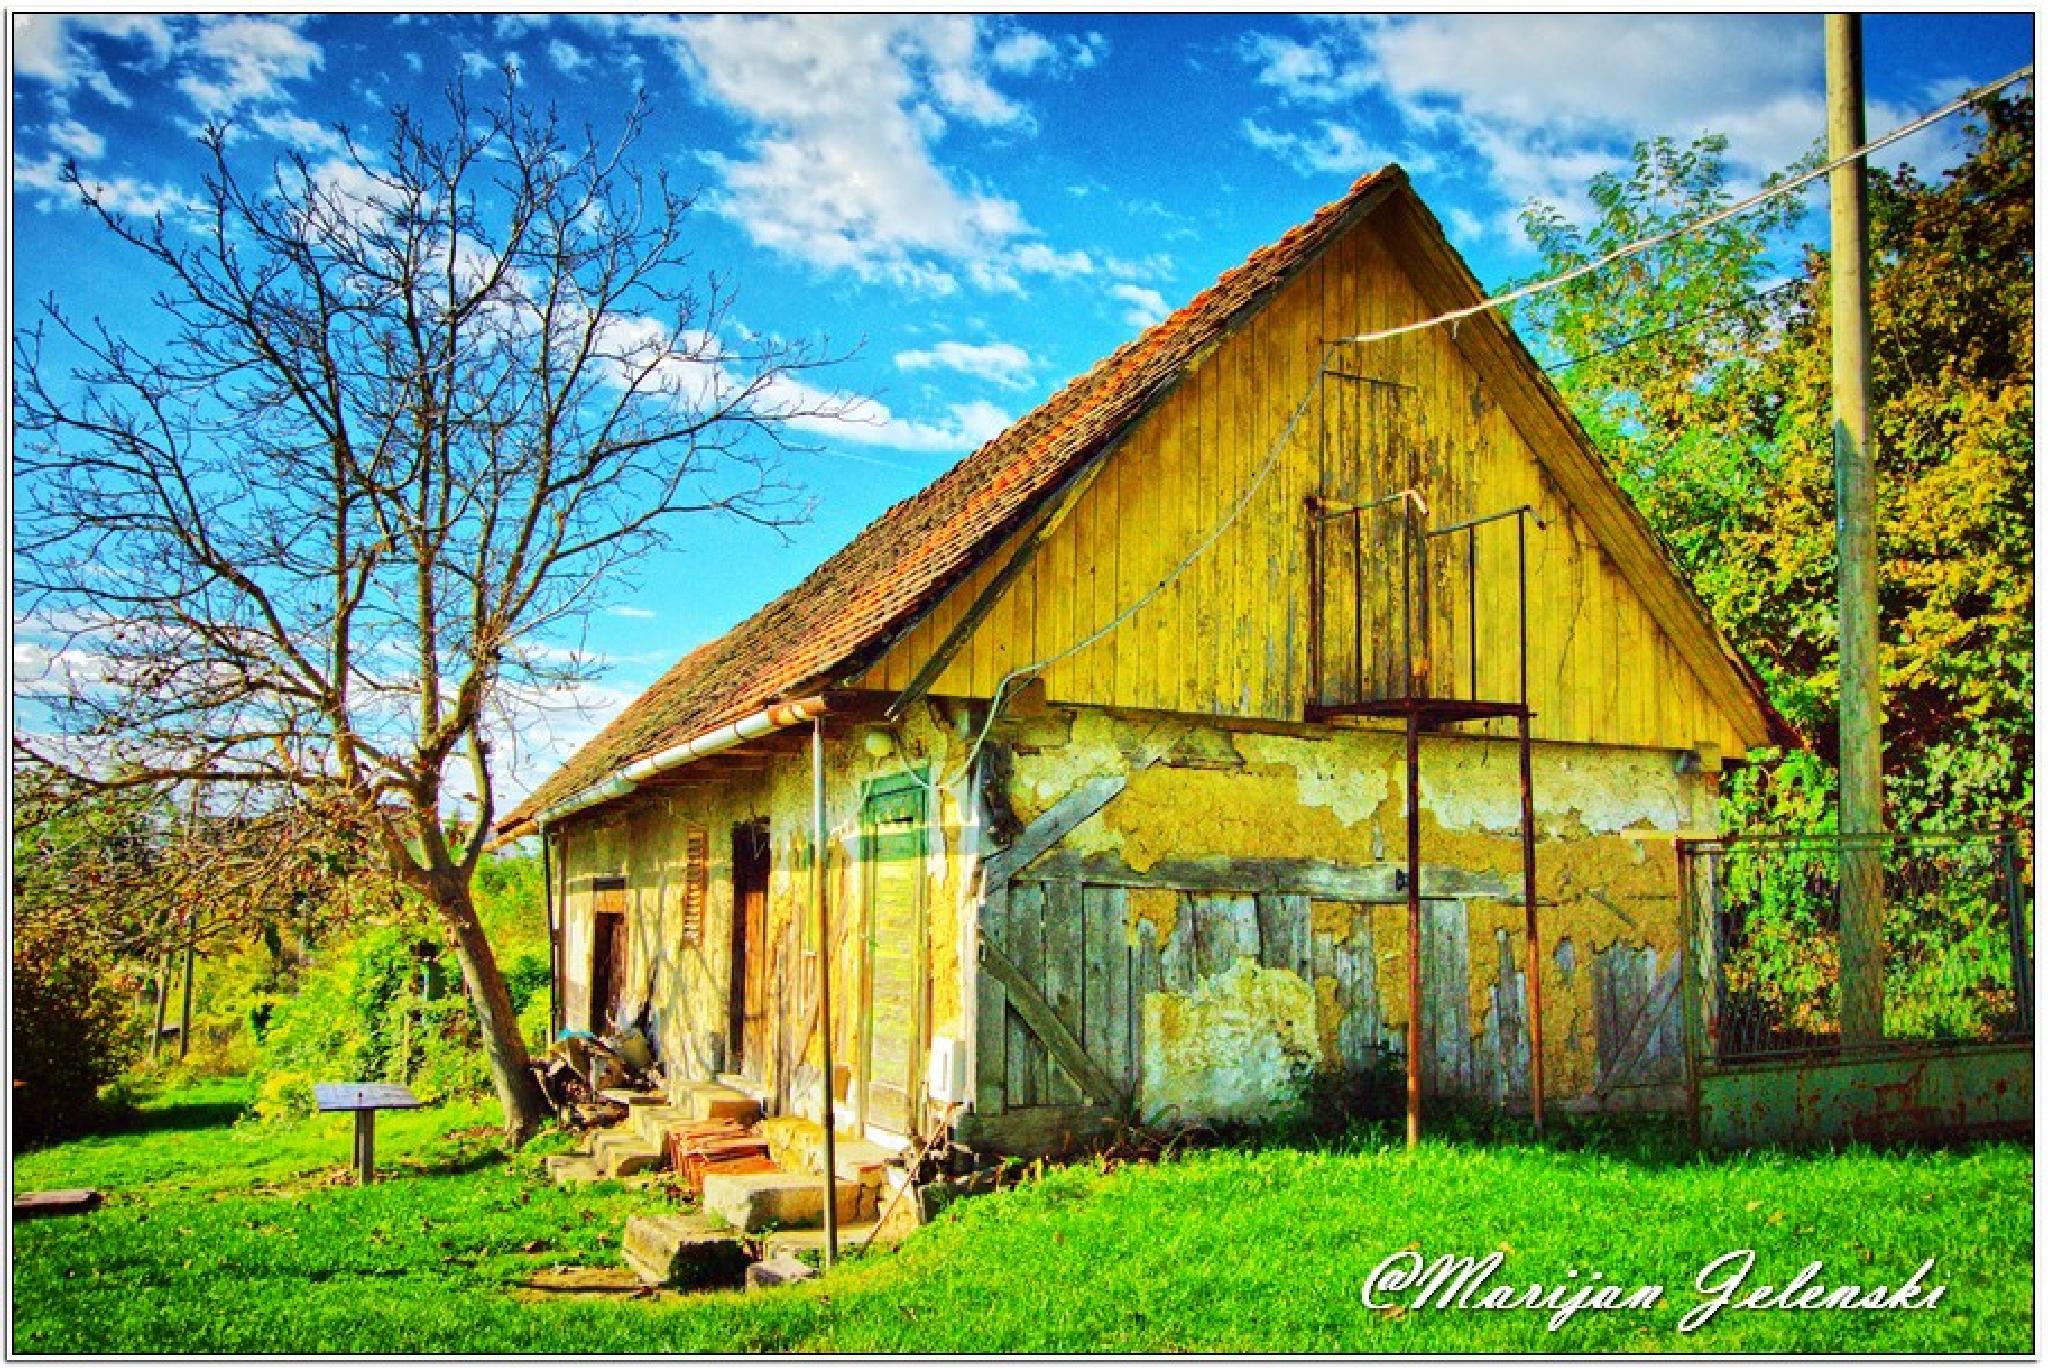 OLd house by Marijan Jelenski